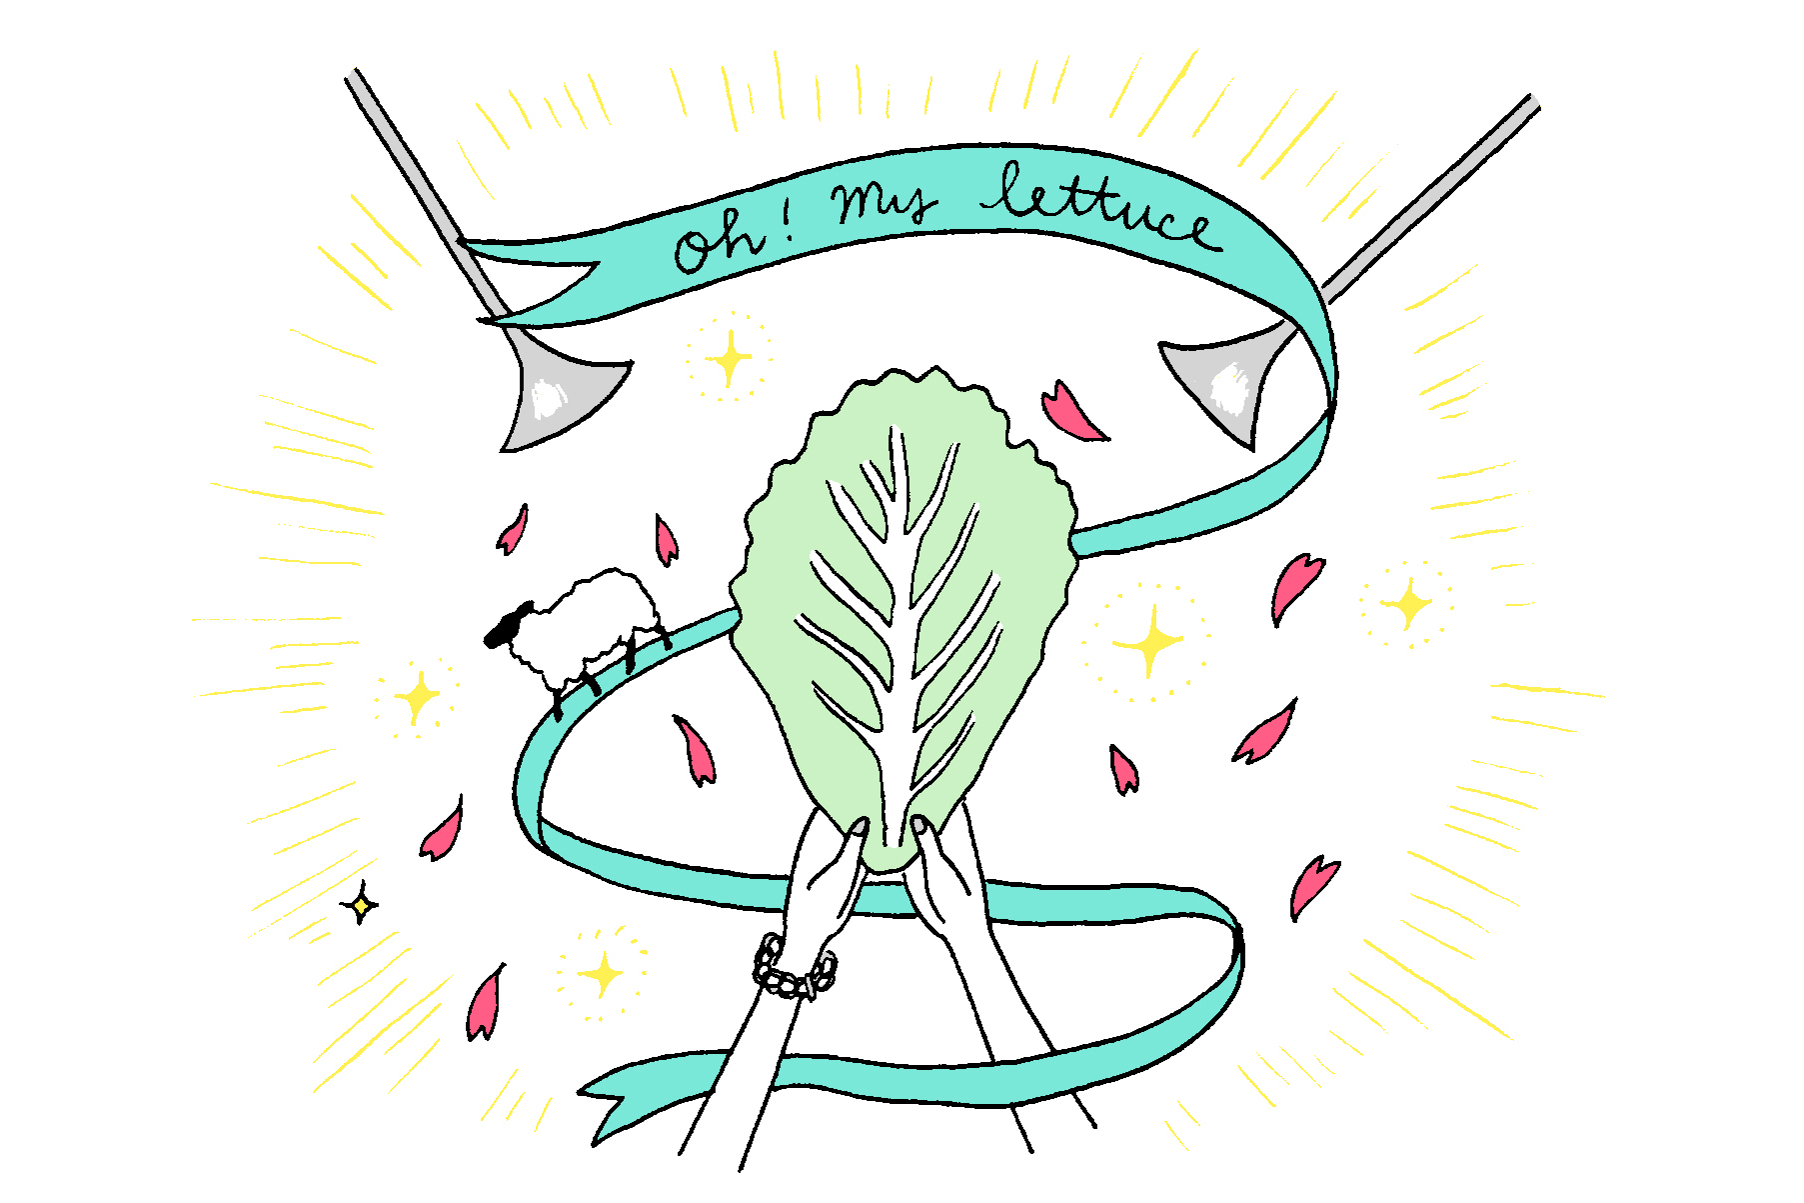 驚愕! 断食後最初の食事は、レタスの葉1枚でお腹いっぱいに!/4か月でー12kg! 実録!ハイジ子のダイエット成功への道④